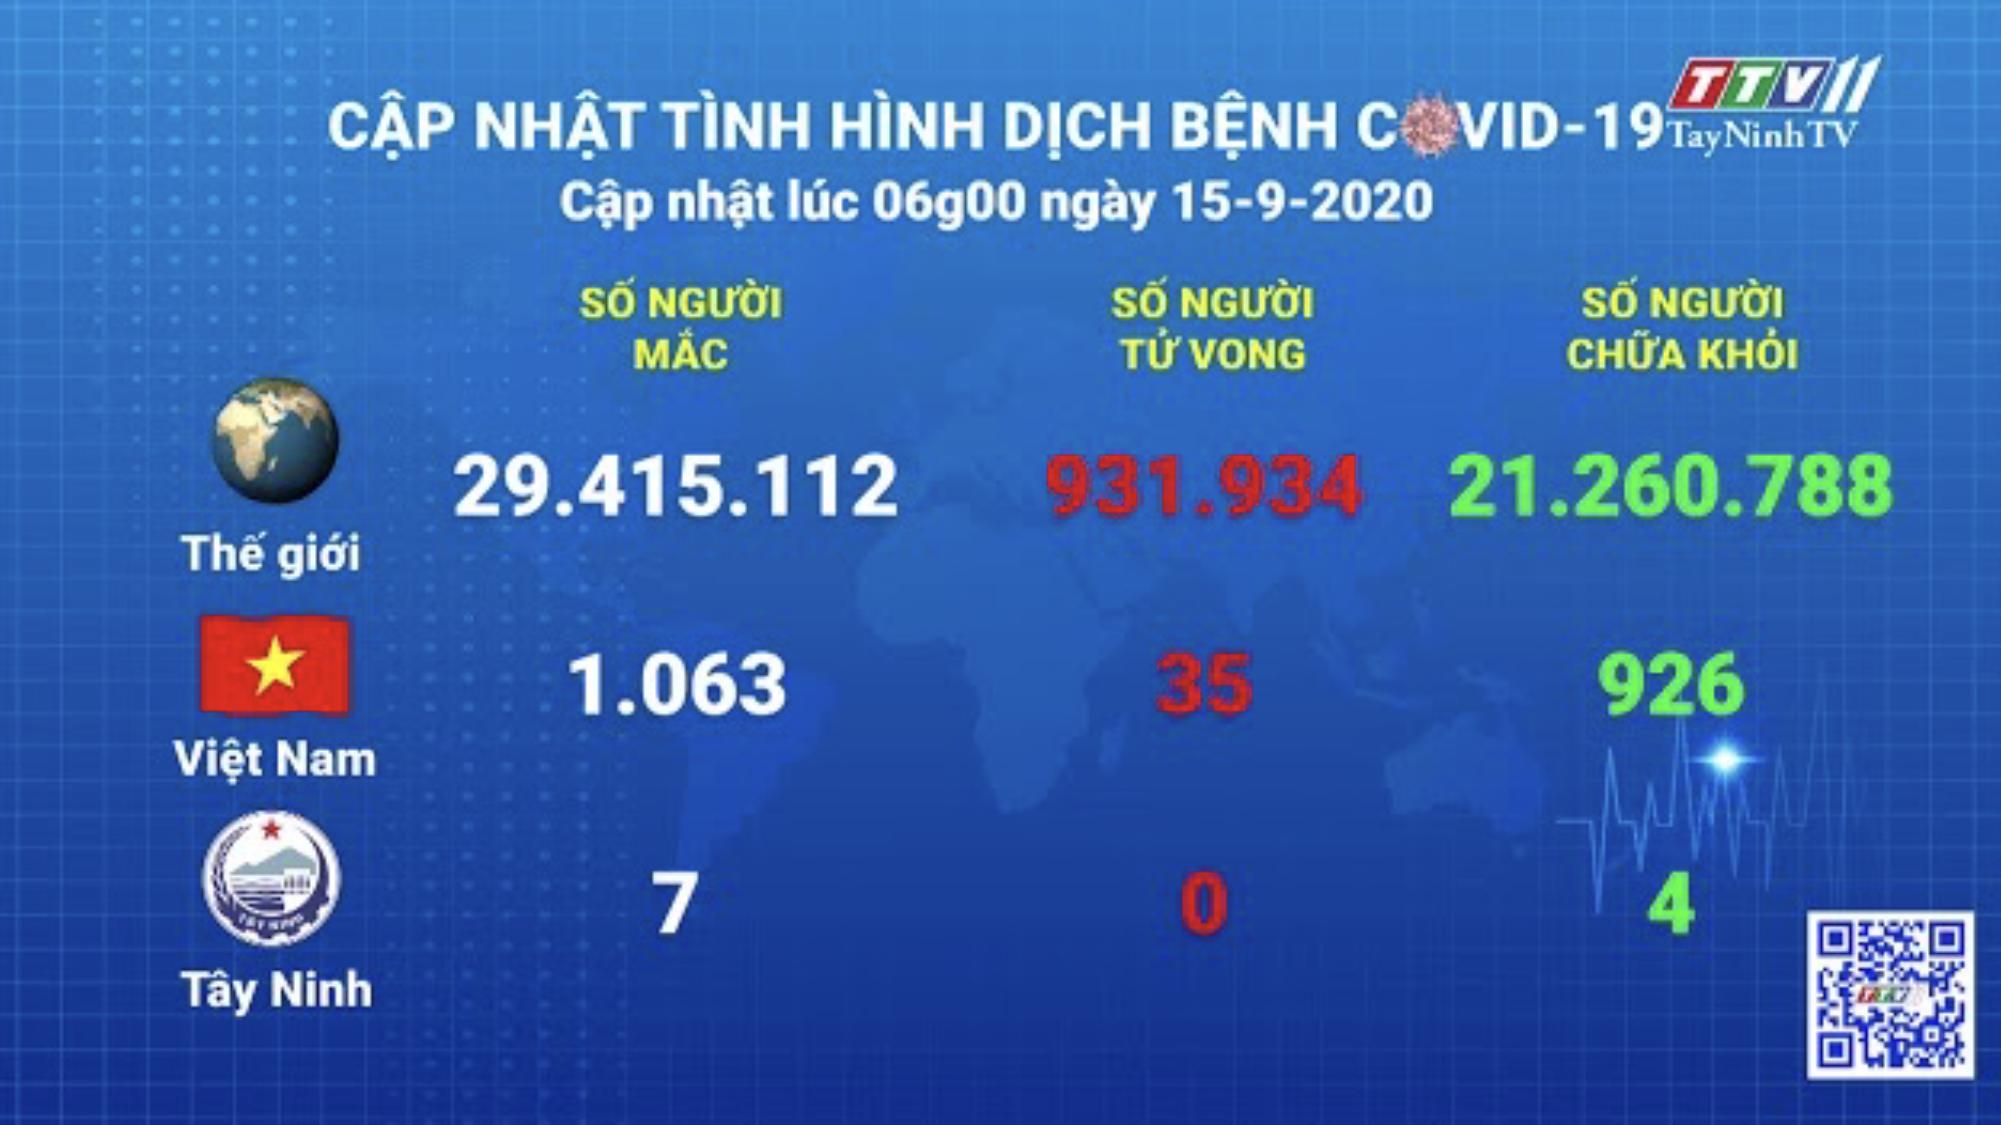 Cập nhật tình hình Covid-19 vào lúc 06 giờ 15-9-2020 | Thông tin dịch Covid-19 | TayNinhTV